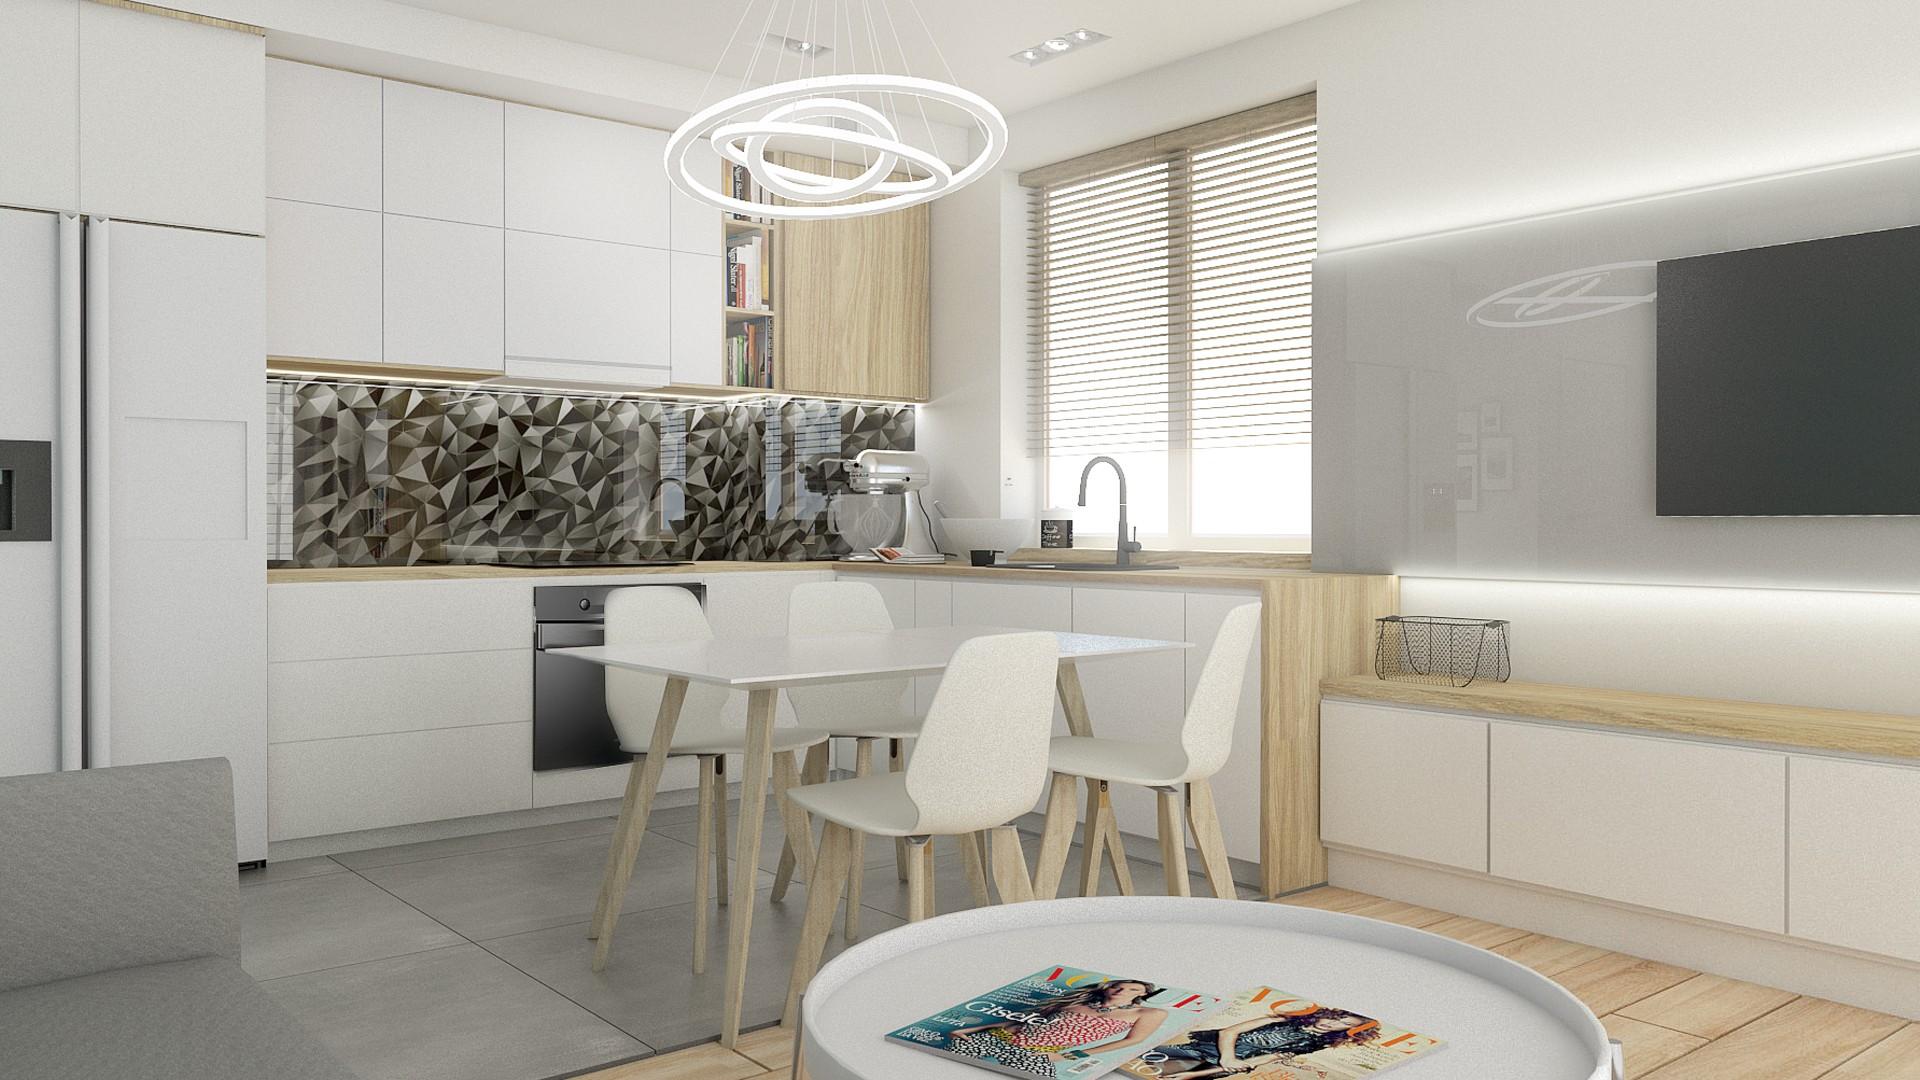 Salon Z Kuchnią Projektowanie I Aranżacja Wnętrz śląsk